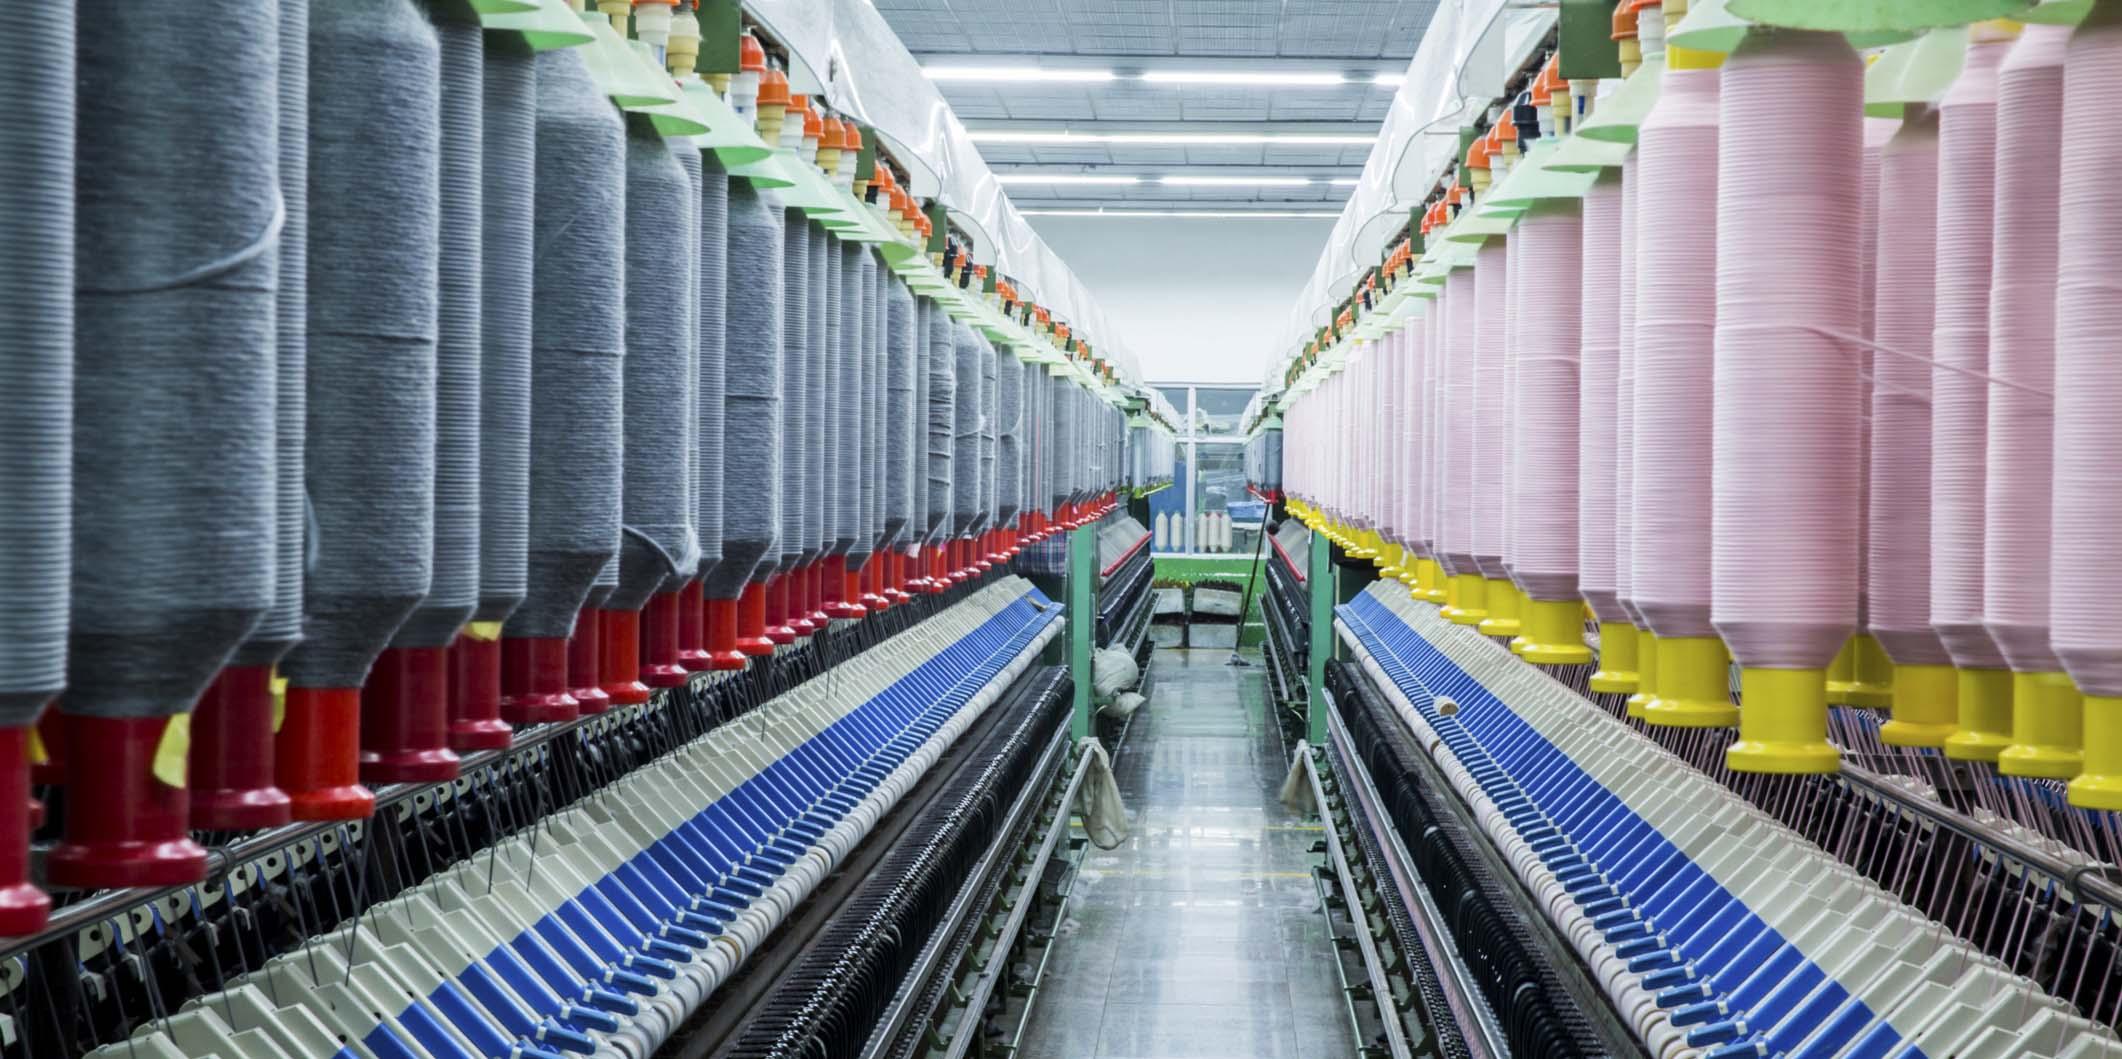 Indústria têxtil e de confecções vai propor nova legislação ...